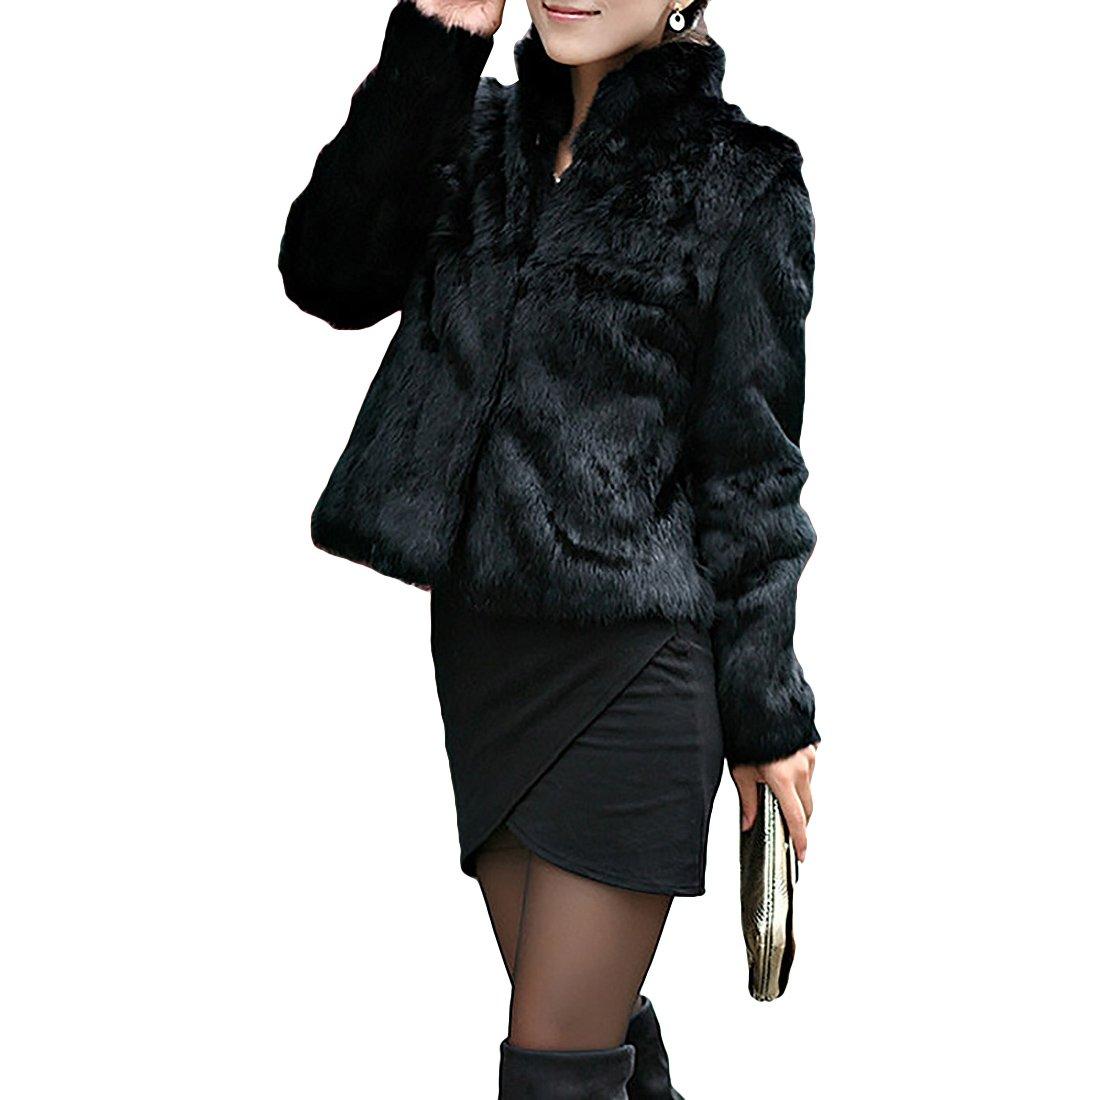 Corto Abrigo Mujer Collar del Soporte Chaqueta Invierno Chaquetas Pelo Sintético Abrigo de Piel Sintética de Pelo Chaqueta Outwear: Amazon.es: Ropa y ...